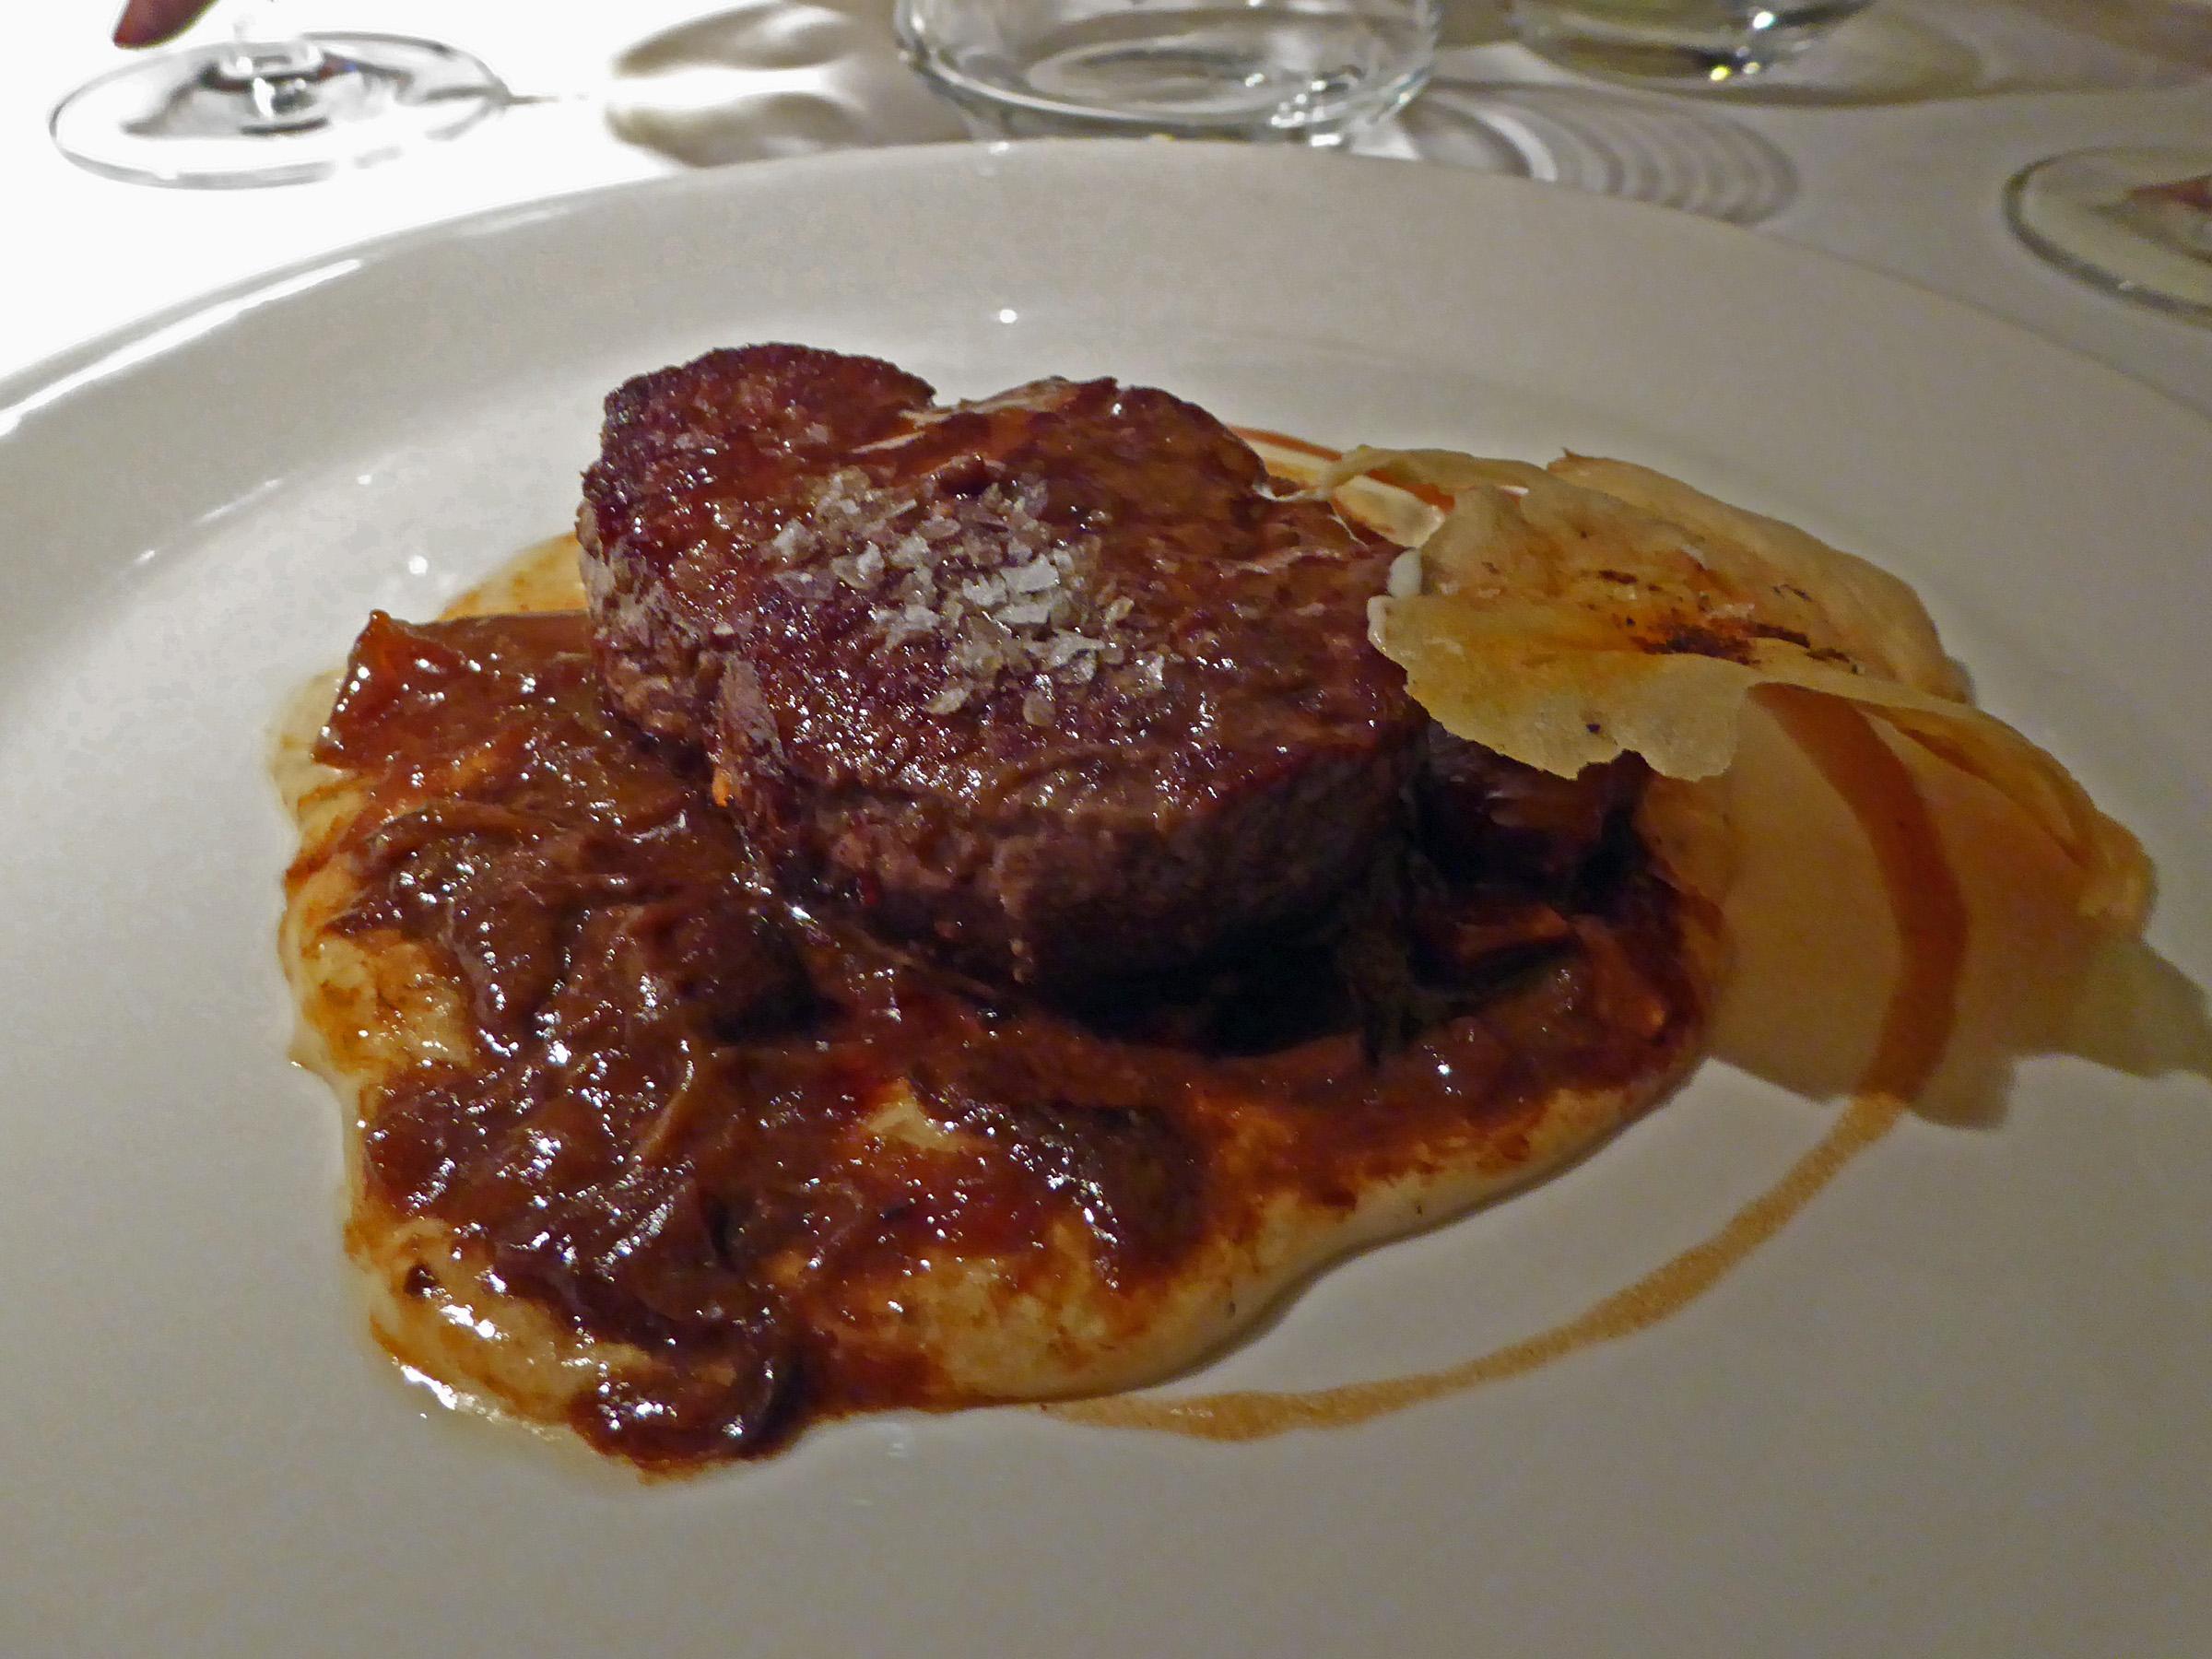 Restaurante en Madrid Solomillo buena mujer con puré de patata y setas (media ración)